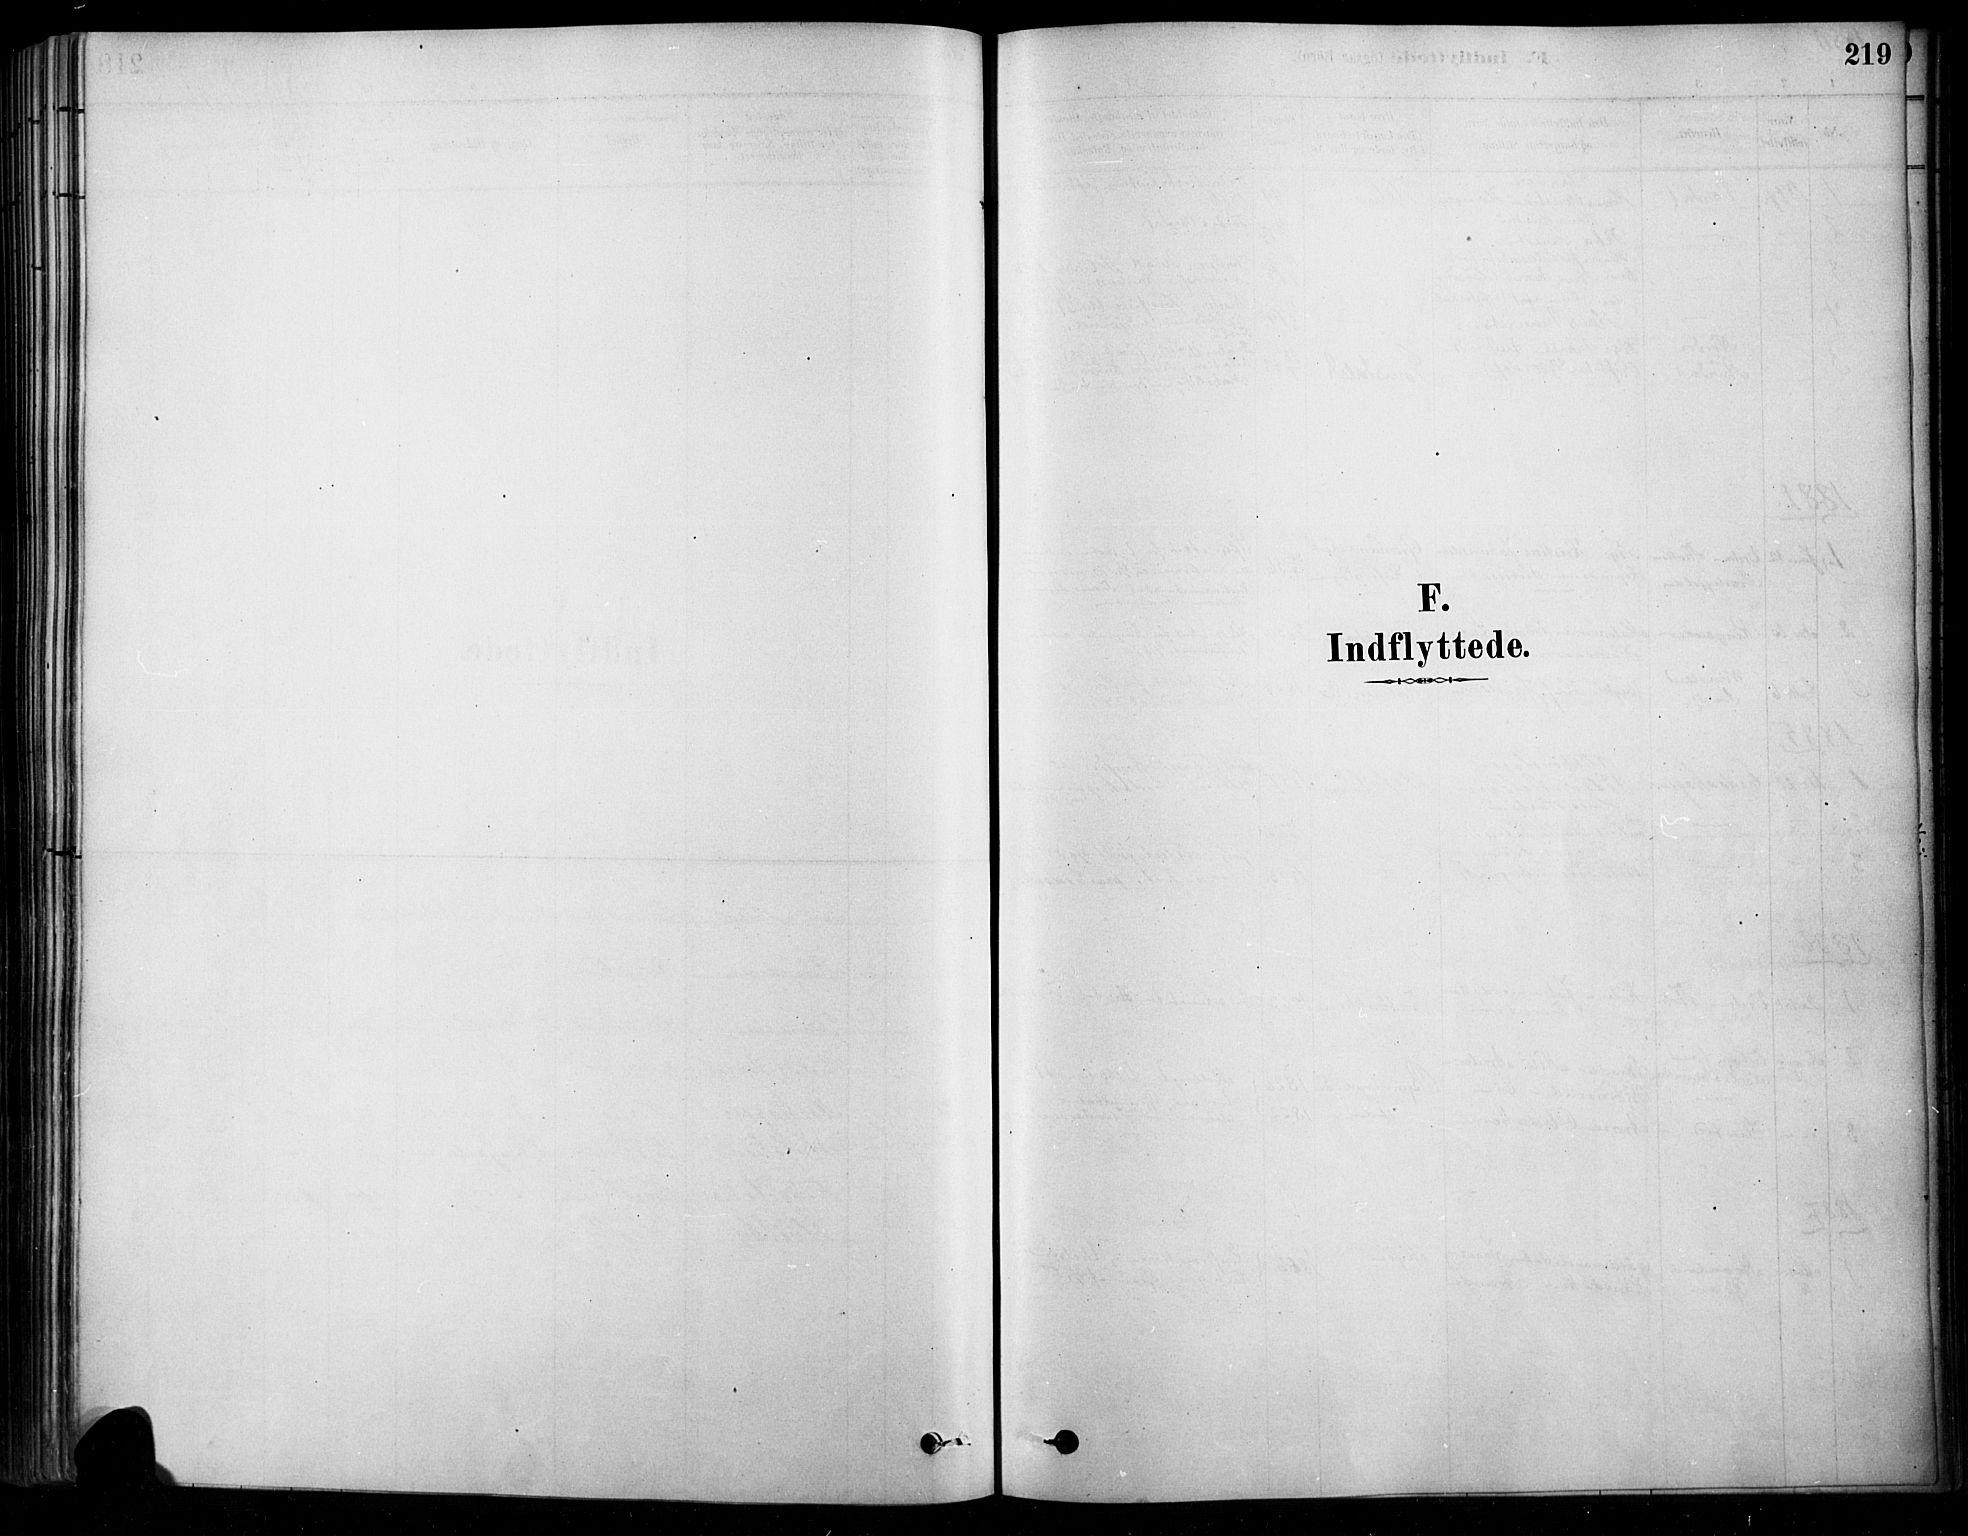 SAH, Søndre Land prestekontor, K/L0003: Ministerialbok nr. 3, 1878-1894, s. 219